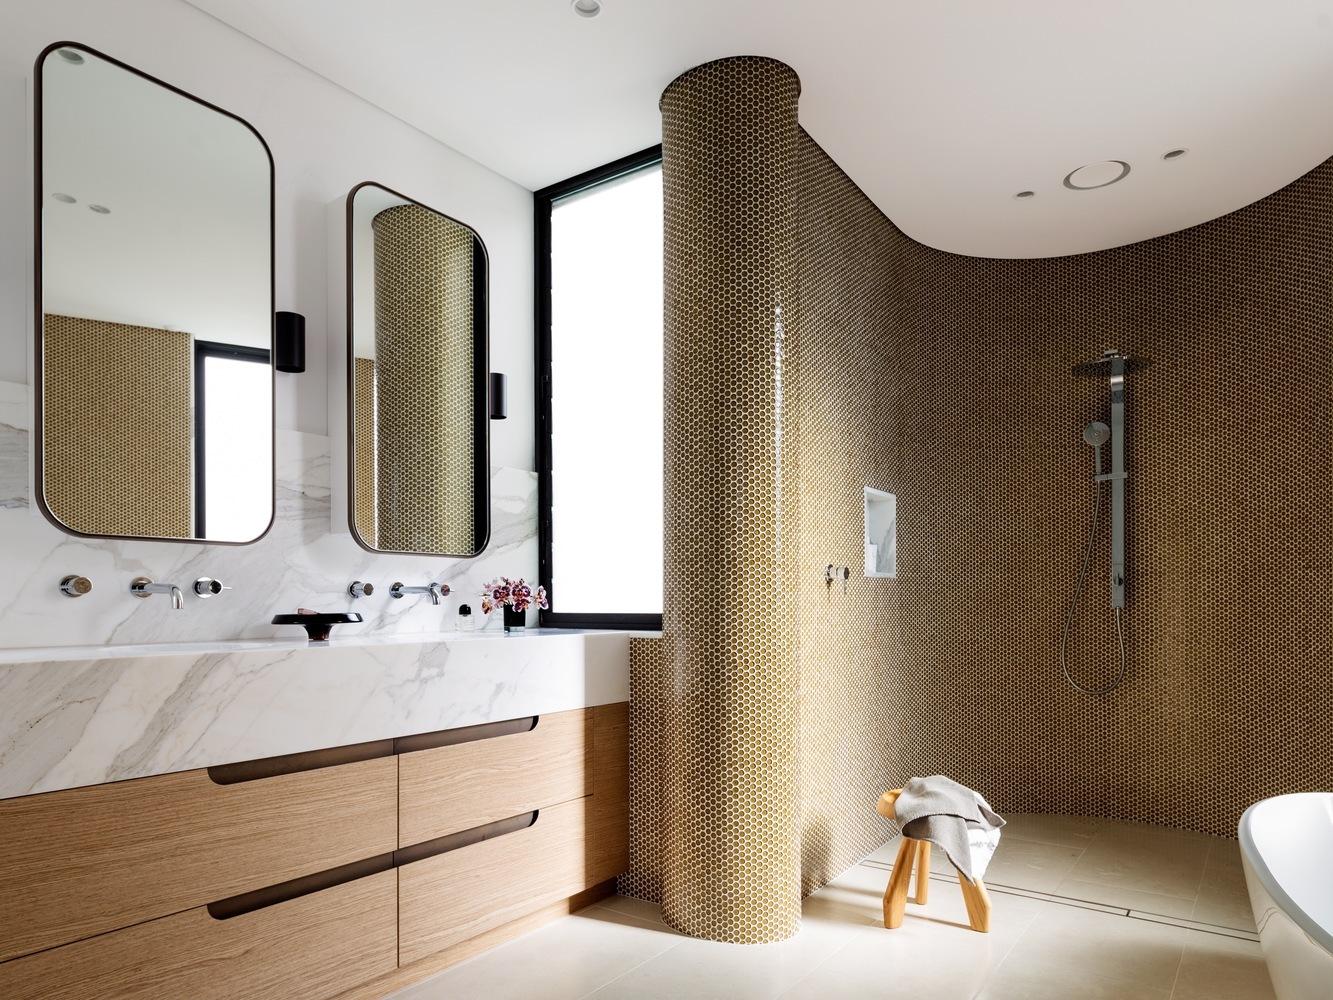 ¿Cuáles son los mejores revestimientos para baños?,© Justin Alexander. Image Tamarama House / Porebski Architects